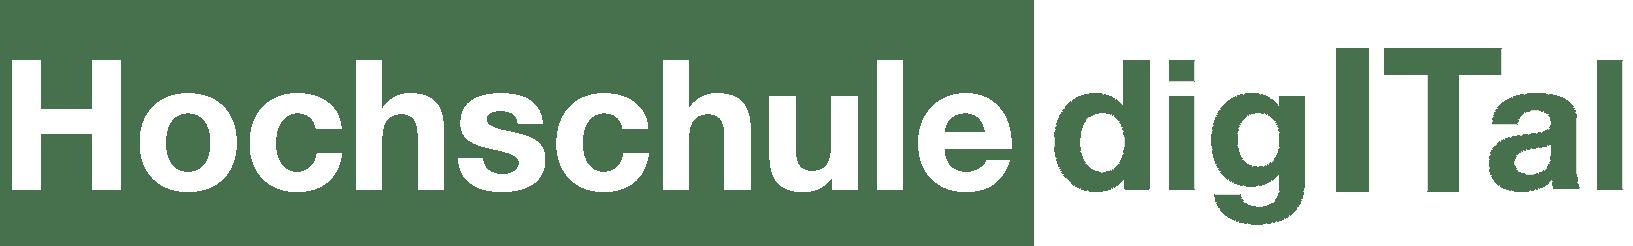 Logo HochschuleDigital